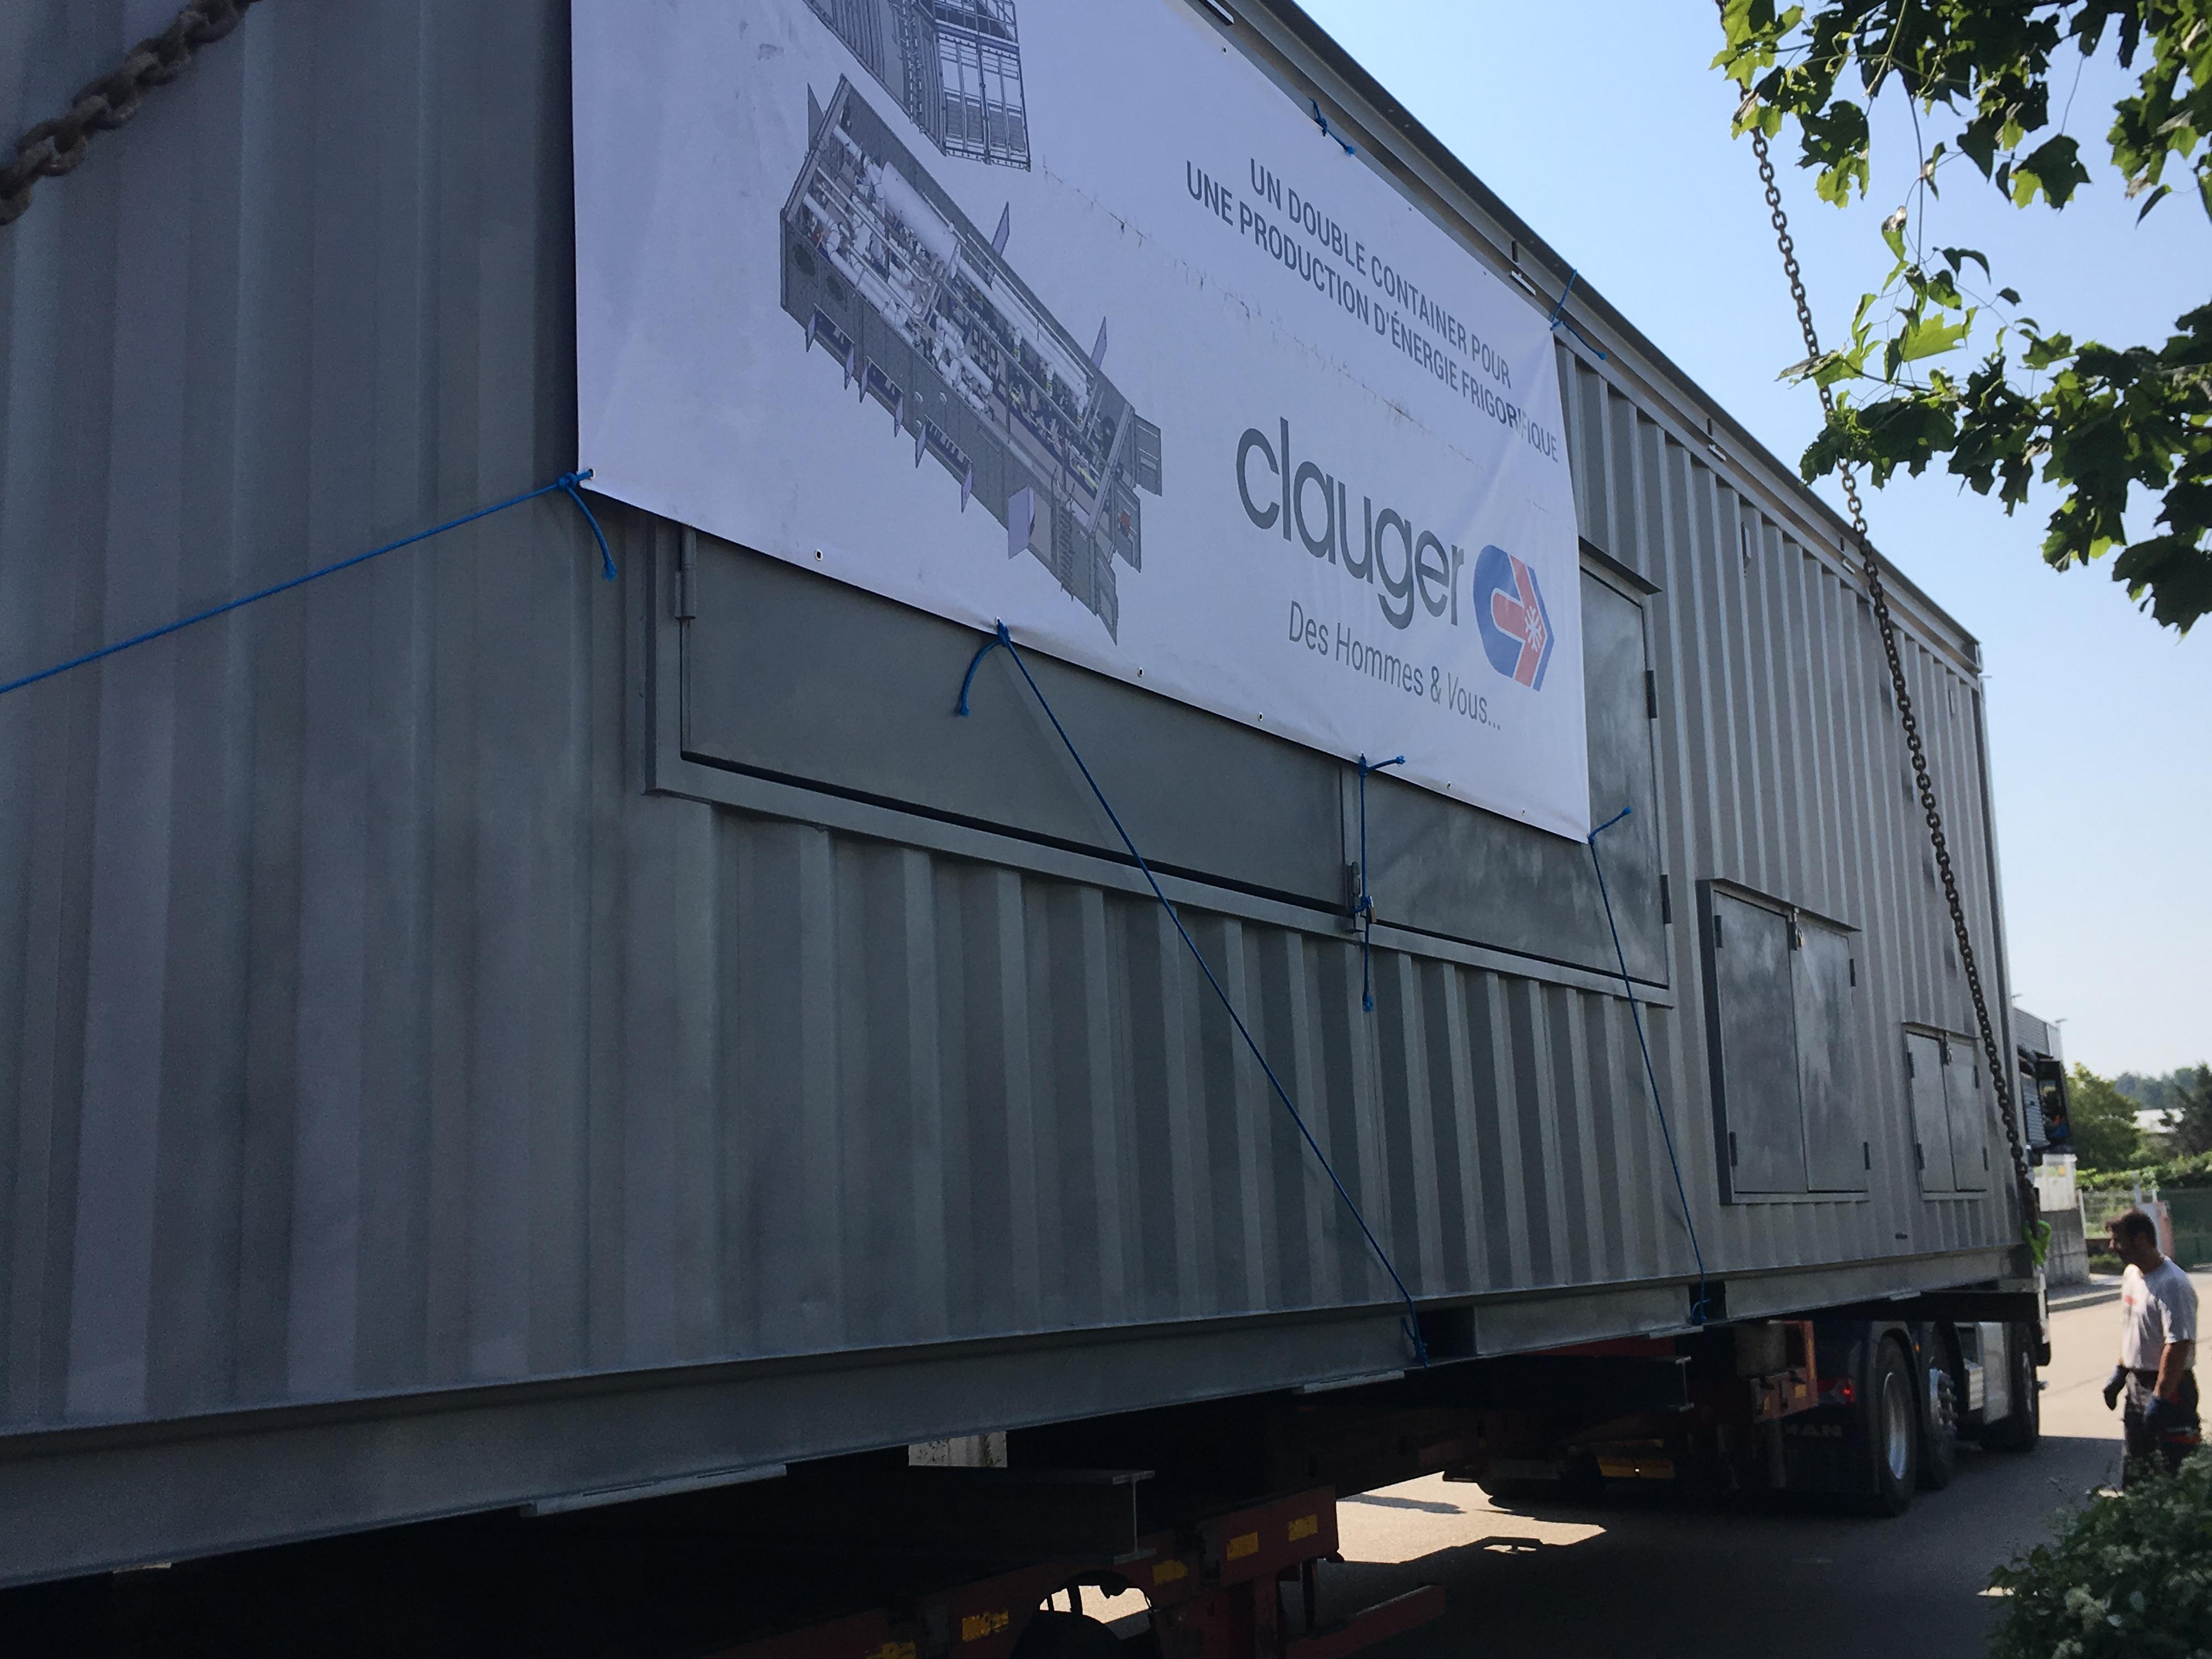 Convoi exceptionnel d'un double container Clauger